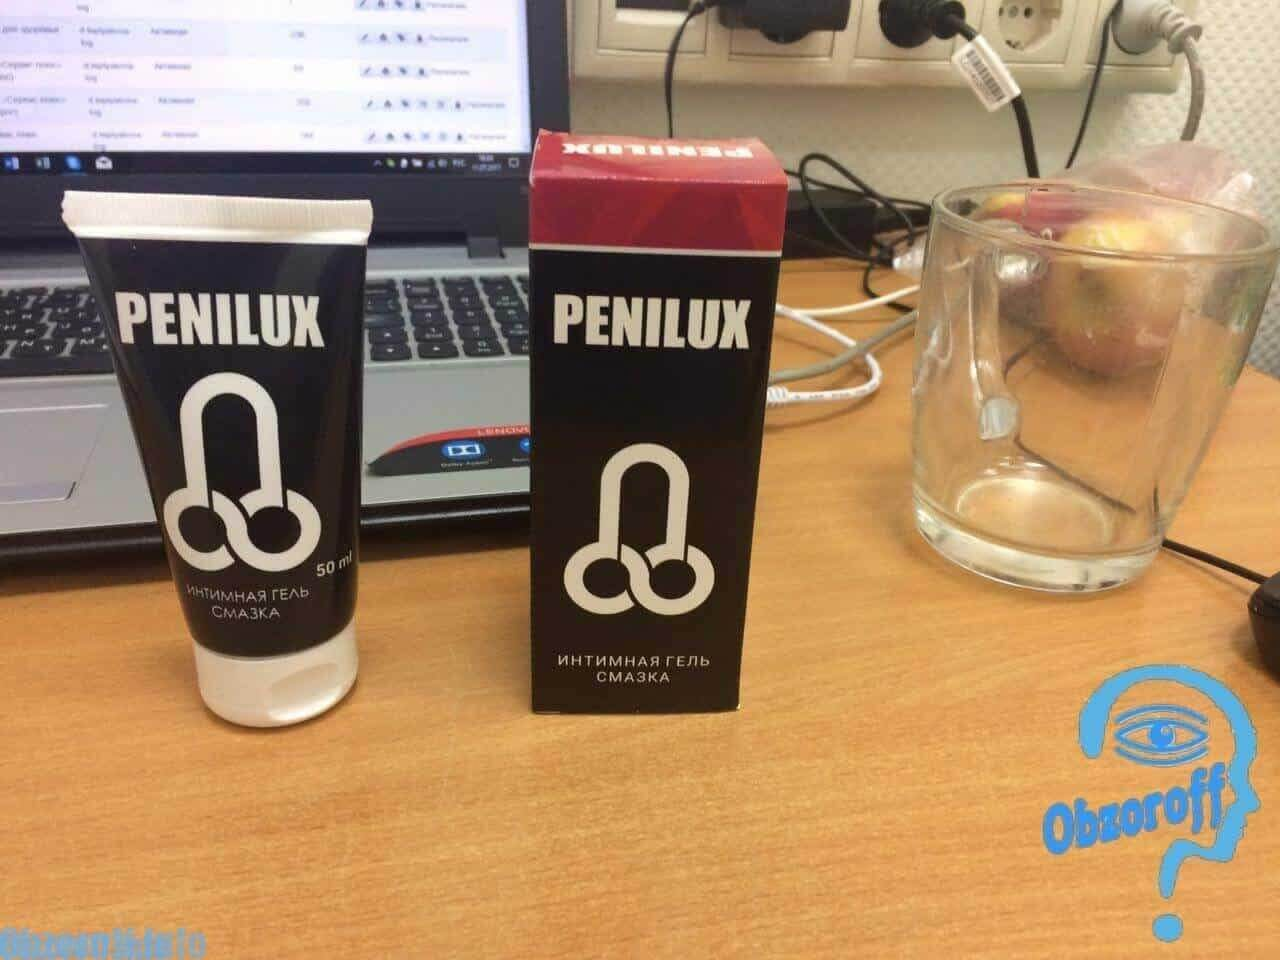 लिंग इज़ाफ़ा क्रीम Penilux Gel बॉक्स और ट्यूब